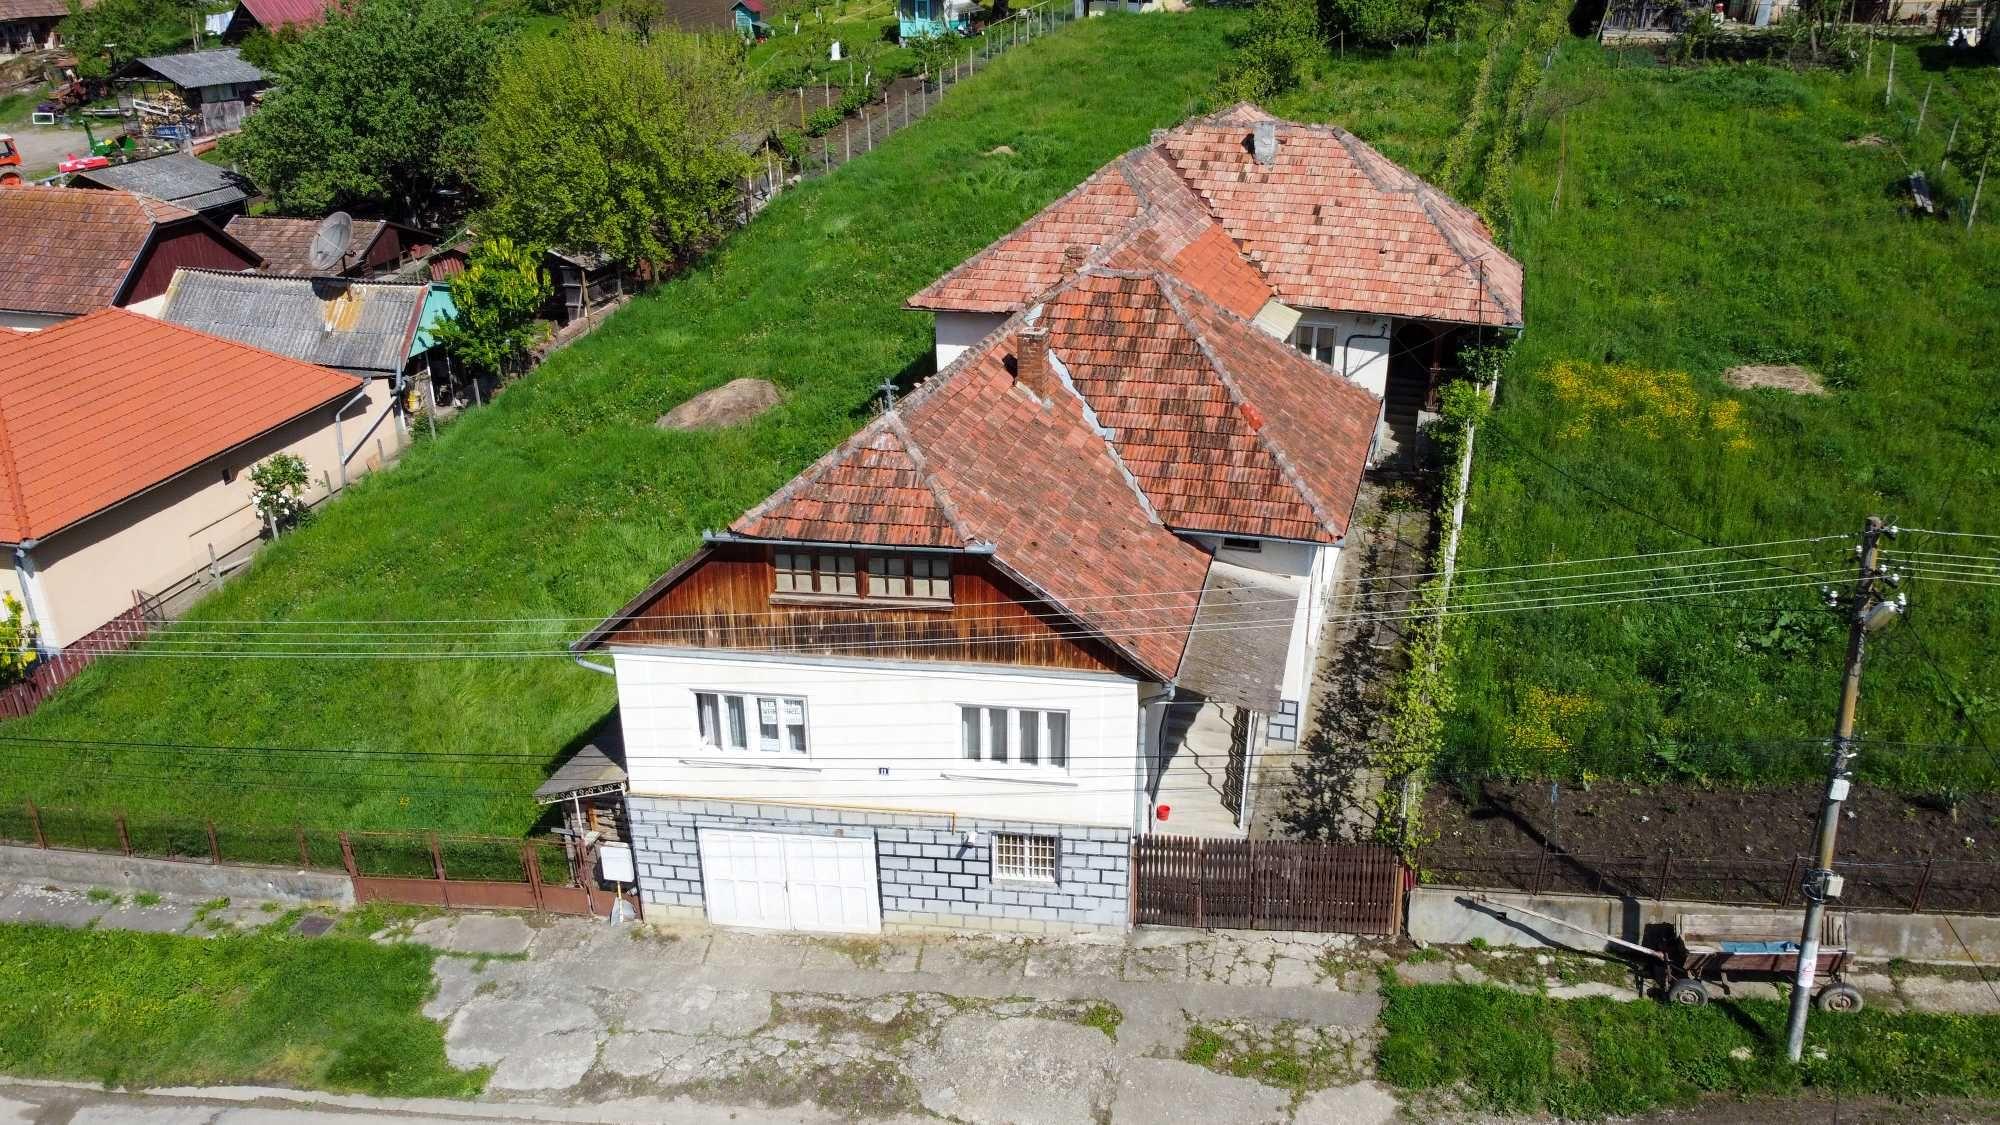 Casa 284 m2 6 camere + curte + anexe + teren 1900 m2 de vanzare